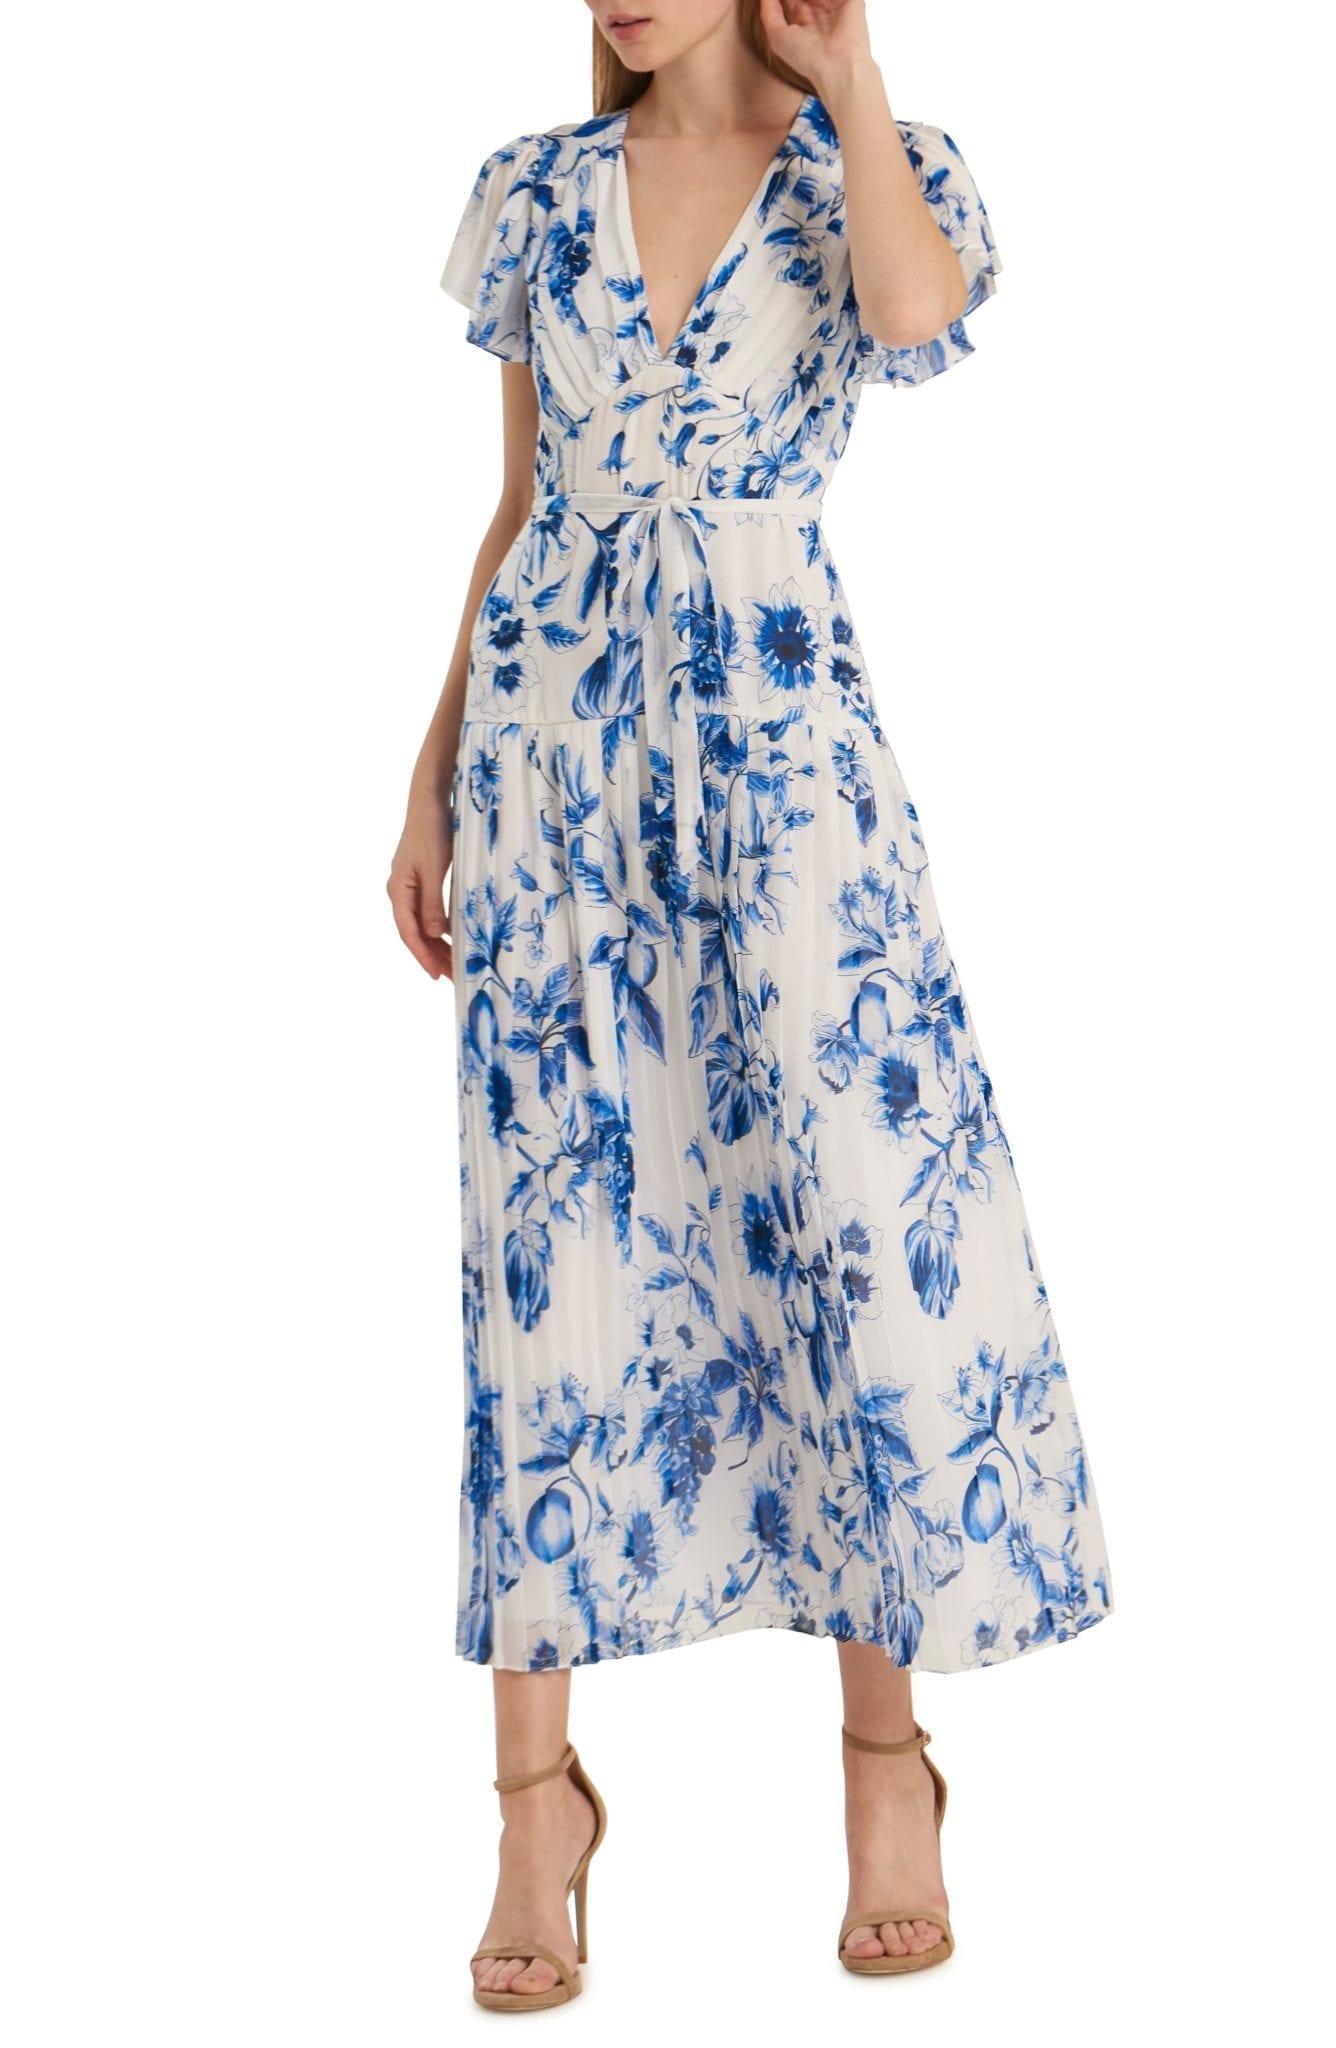 ML MONIQUE LHUILLIER Floral Pleated Tea Length Dress